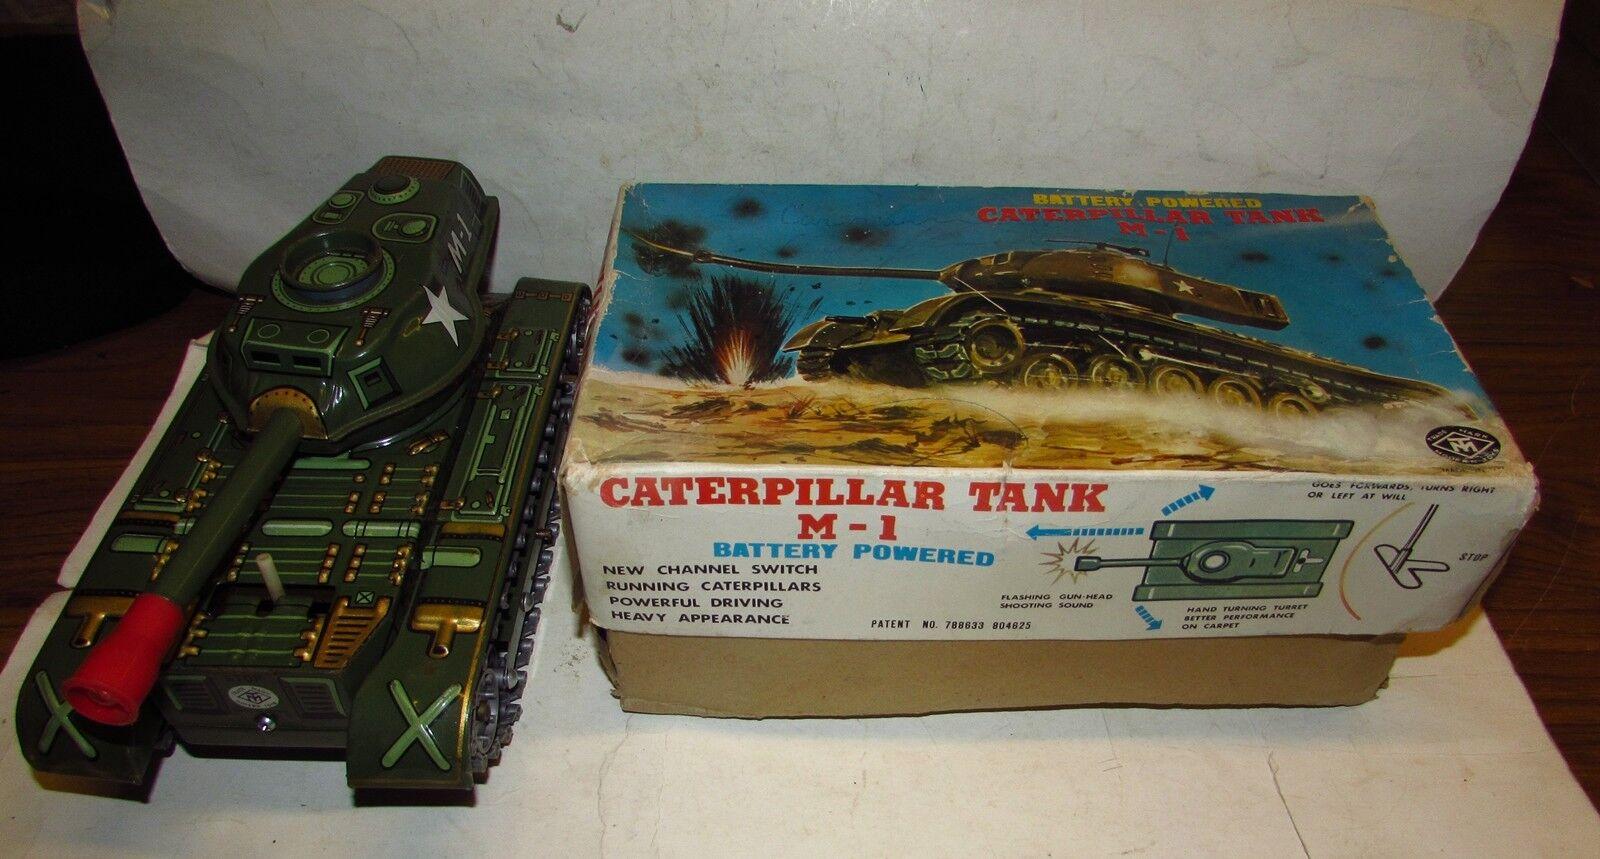 ordina ora i prezzi più bassi autoRO ARMATO CATERPILLAR TANK M-1 M-1 M-1 MODERN giocattoli(JAPAN)ANNI 60 SCATOLA tin giocattolo  gli ultimi modelli